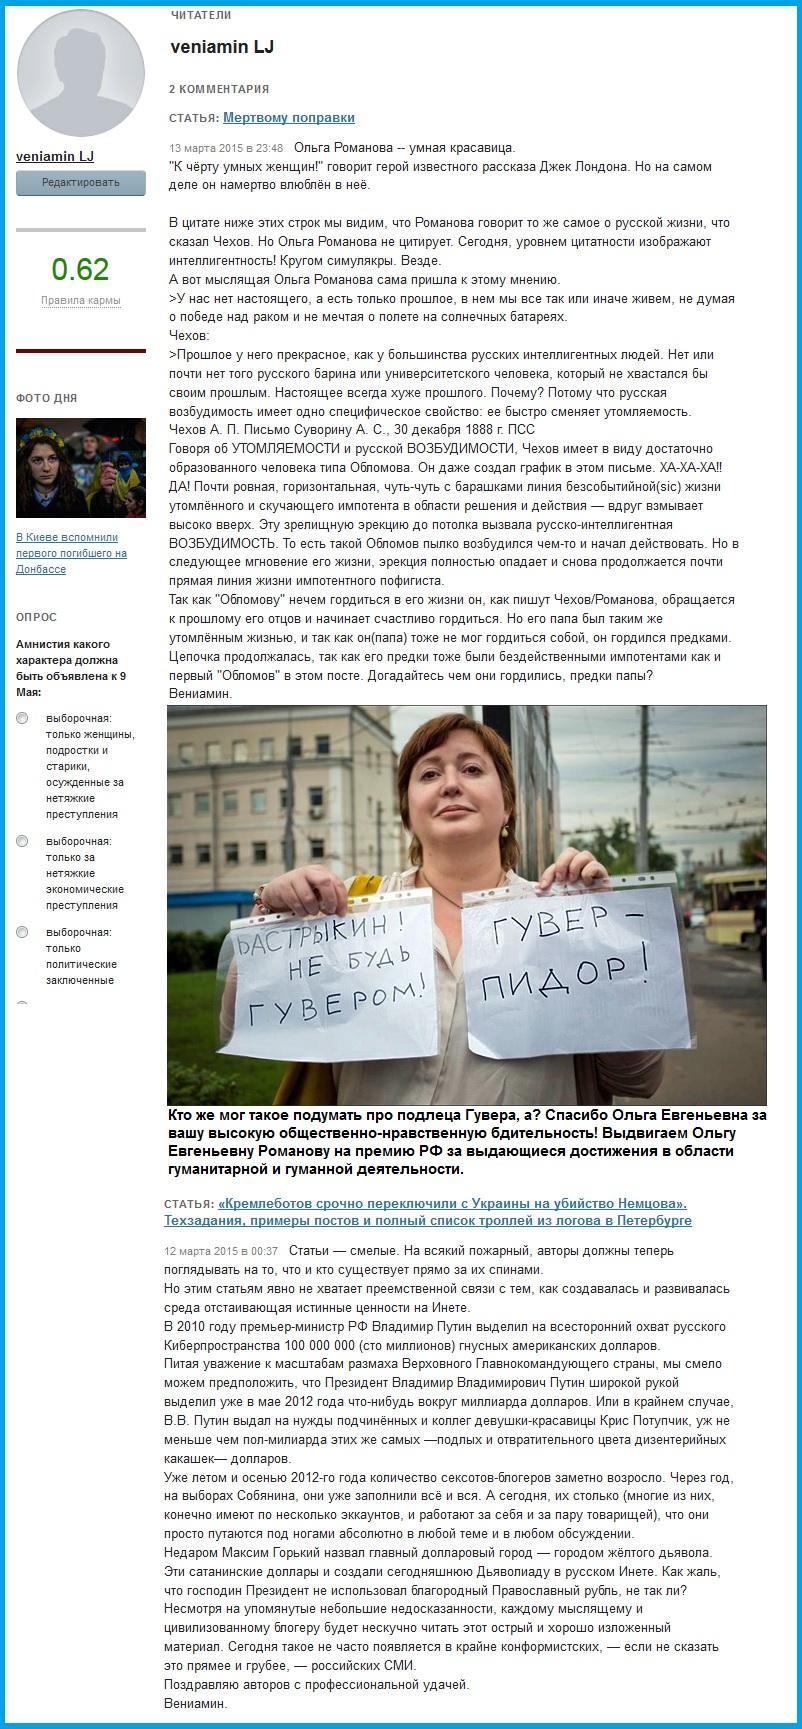 Новая газета, комменты, Ольга Романова, Про меня.